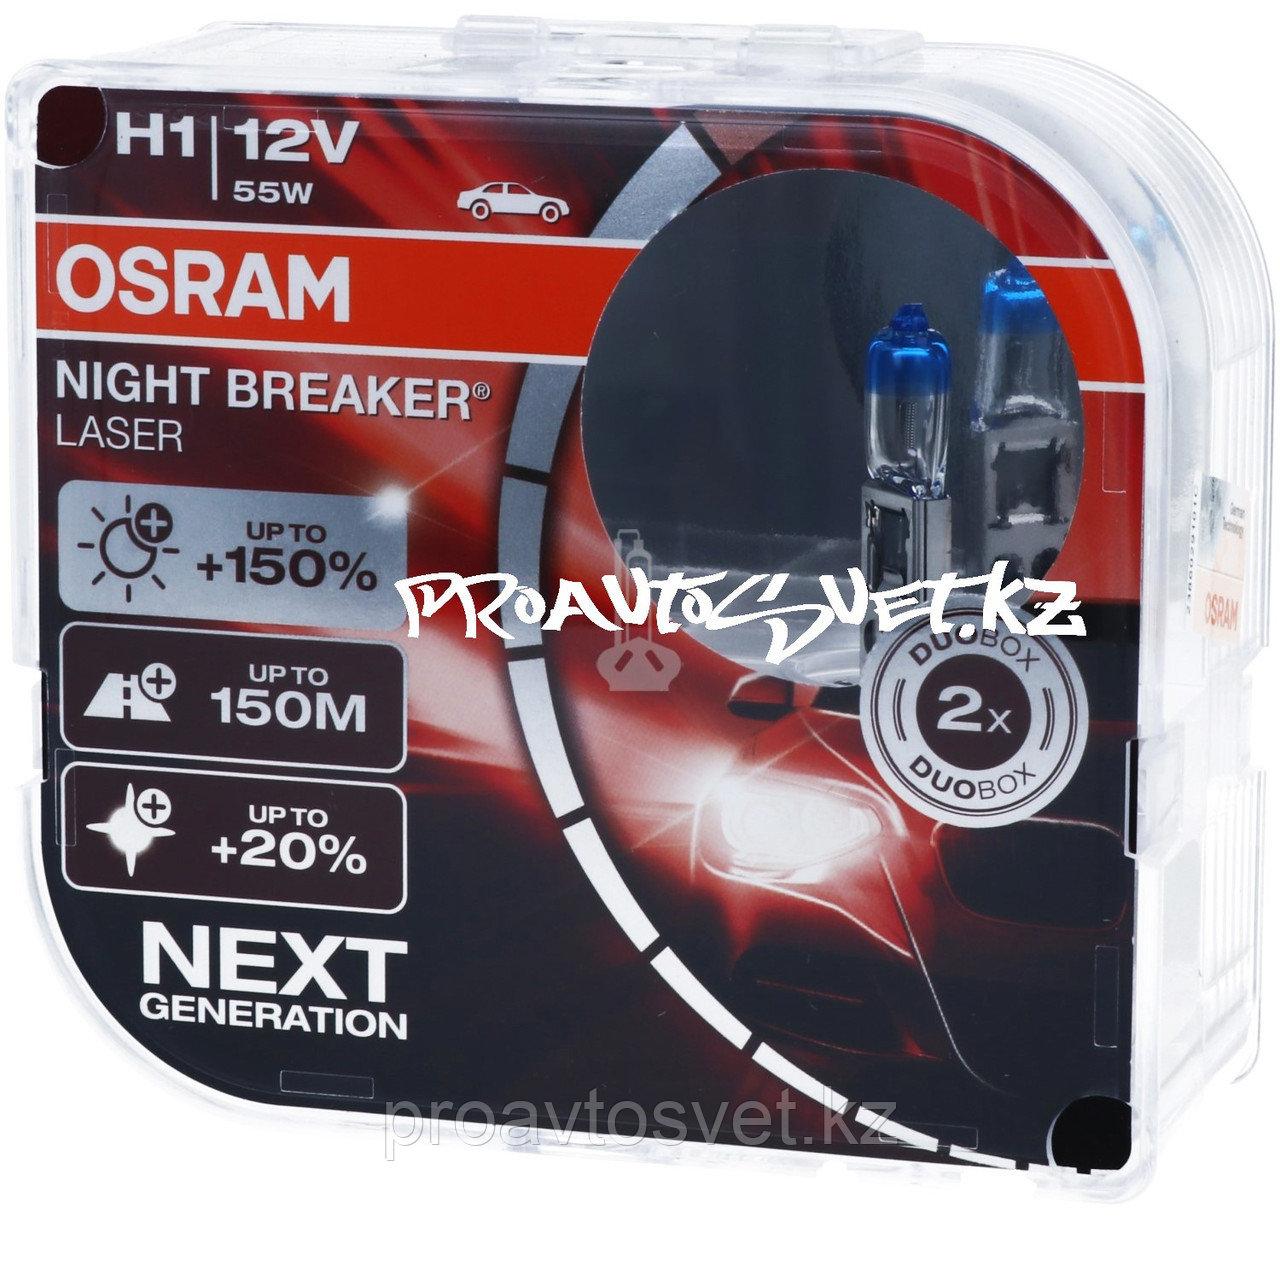 Osram Night Breaker Laser H1